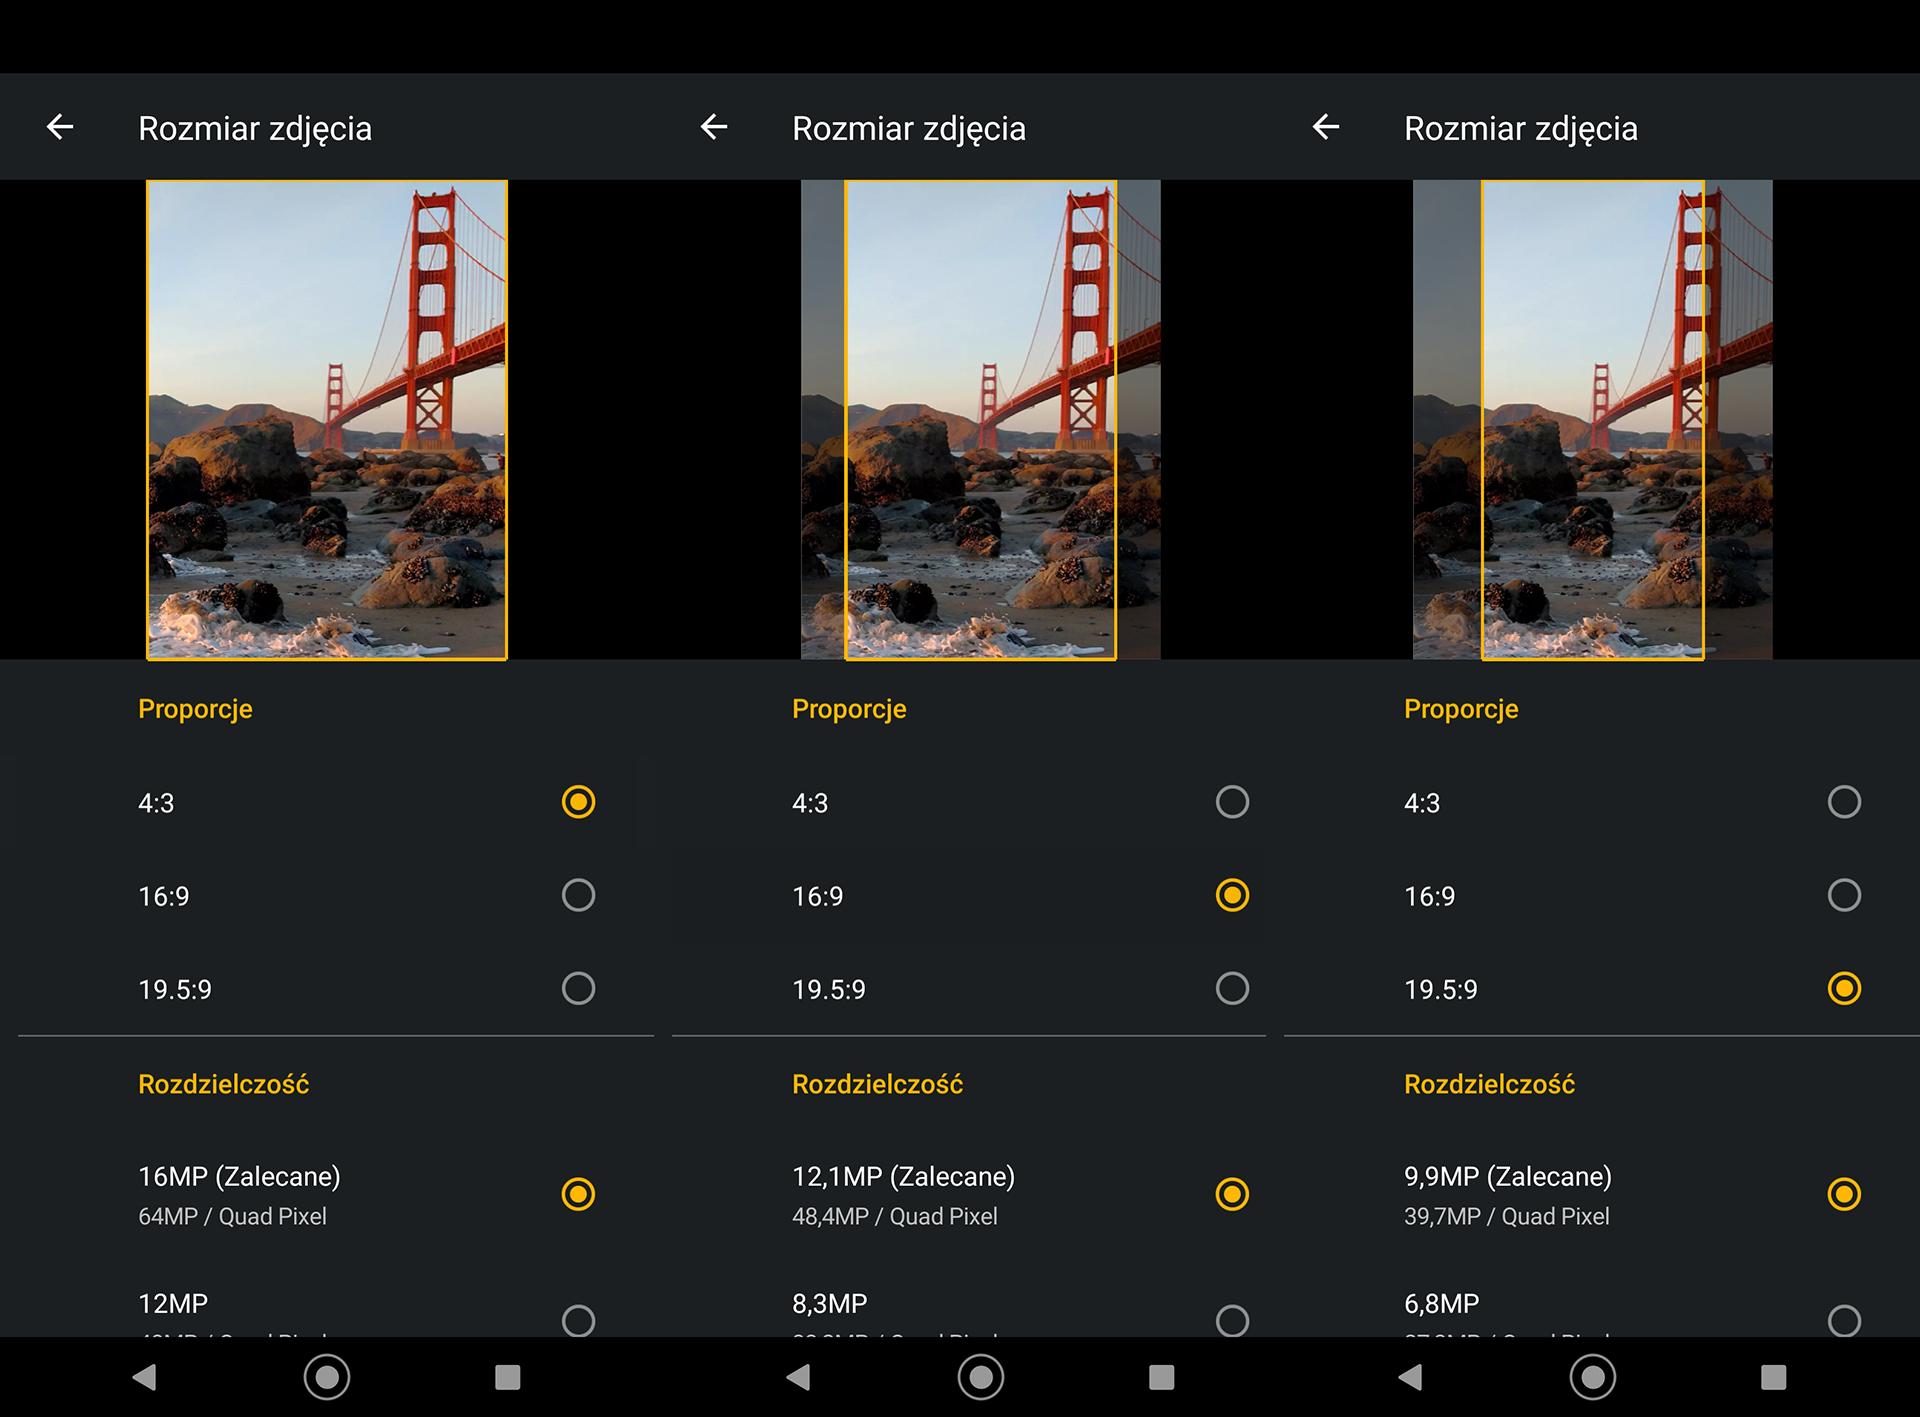 Ustawienia proporcji wopcjach aplikacji aparatu.